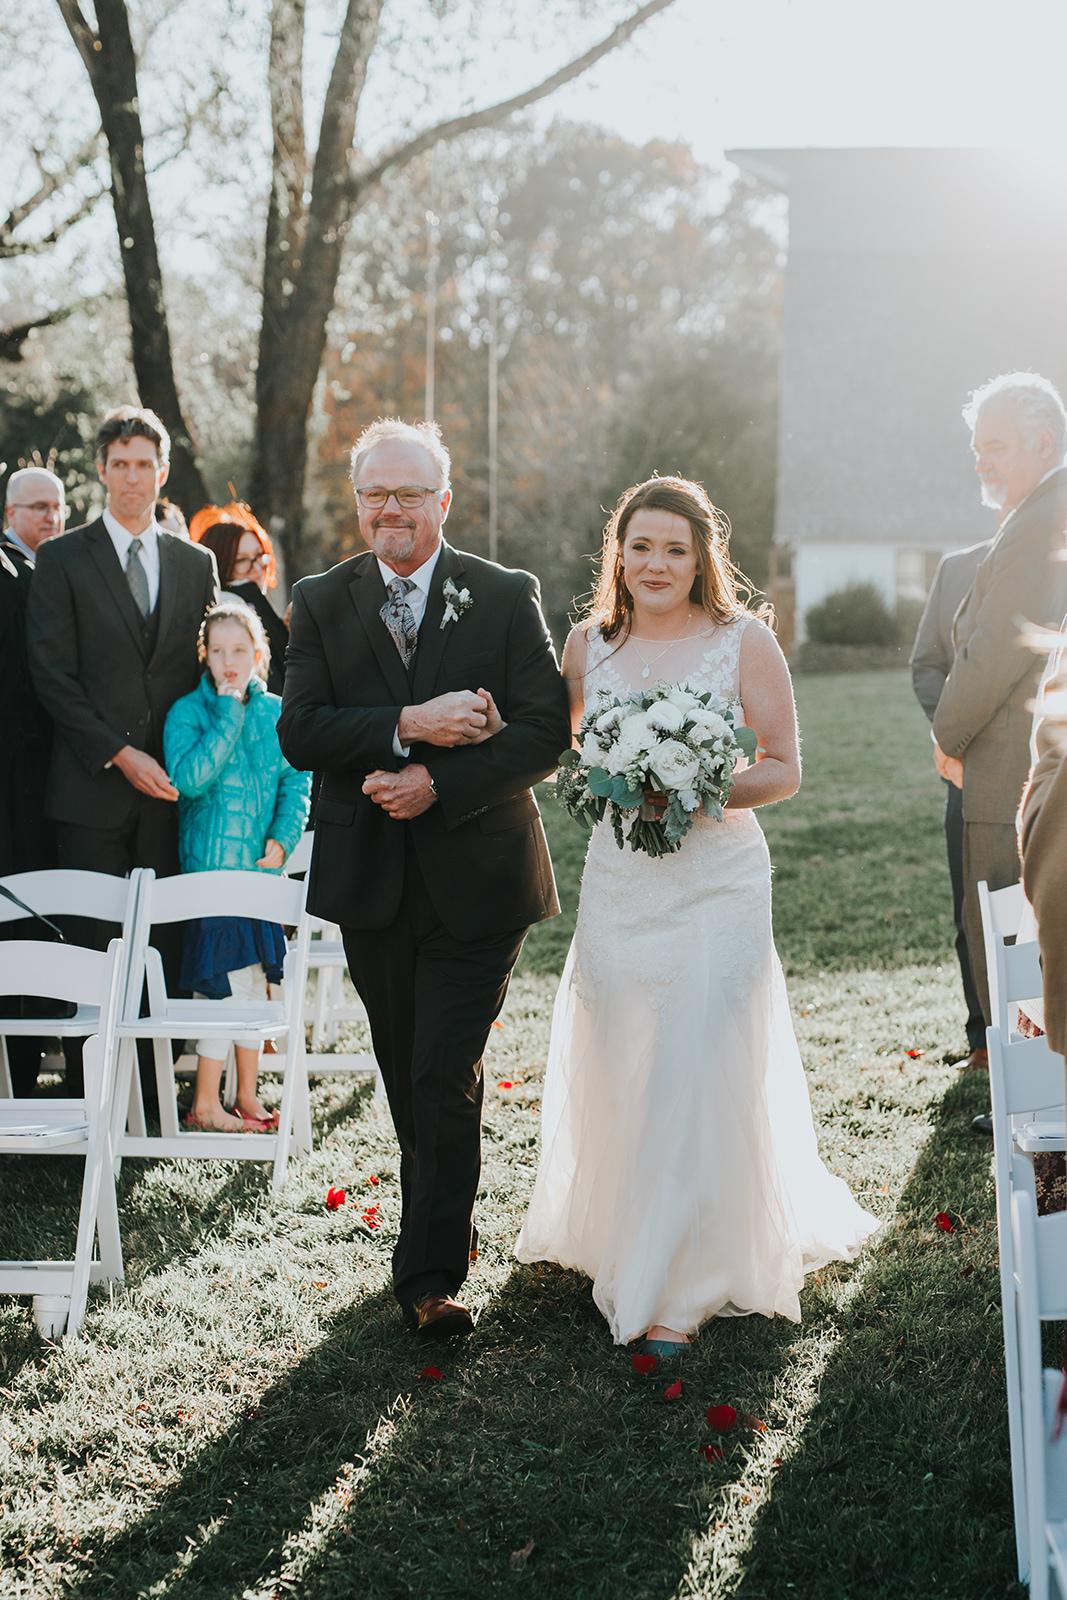 brielle-davis-events-48-fields-wedding-ceremony-bride.jpg